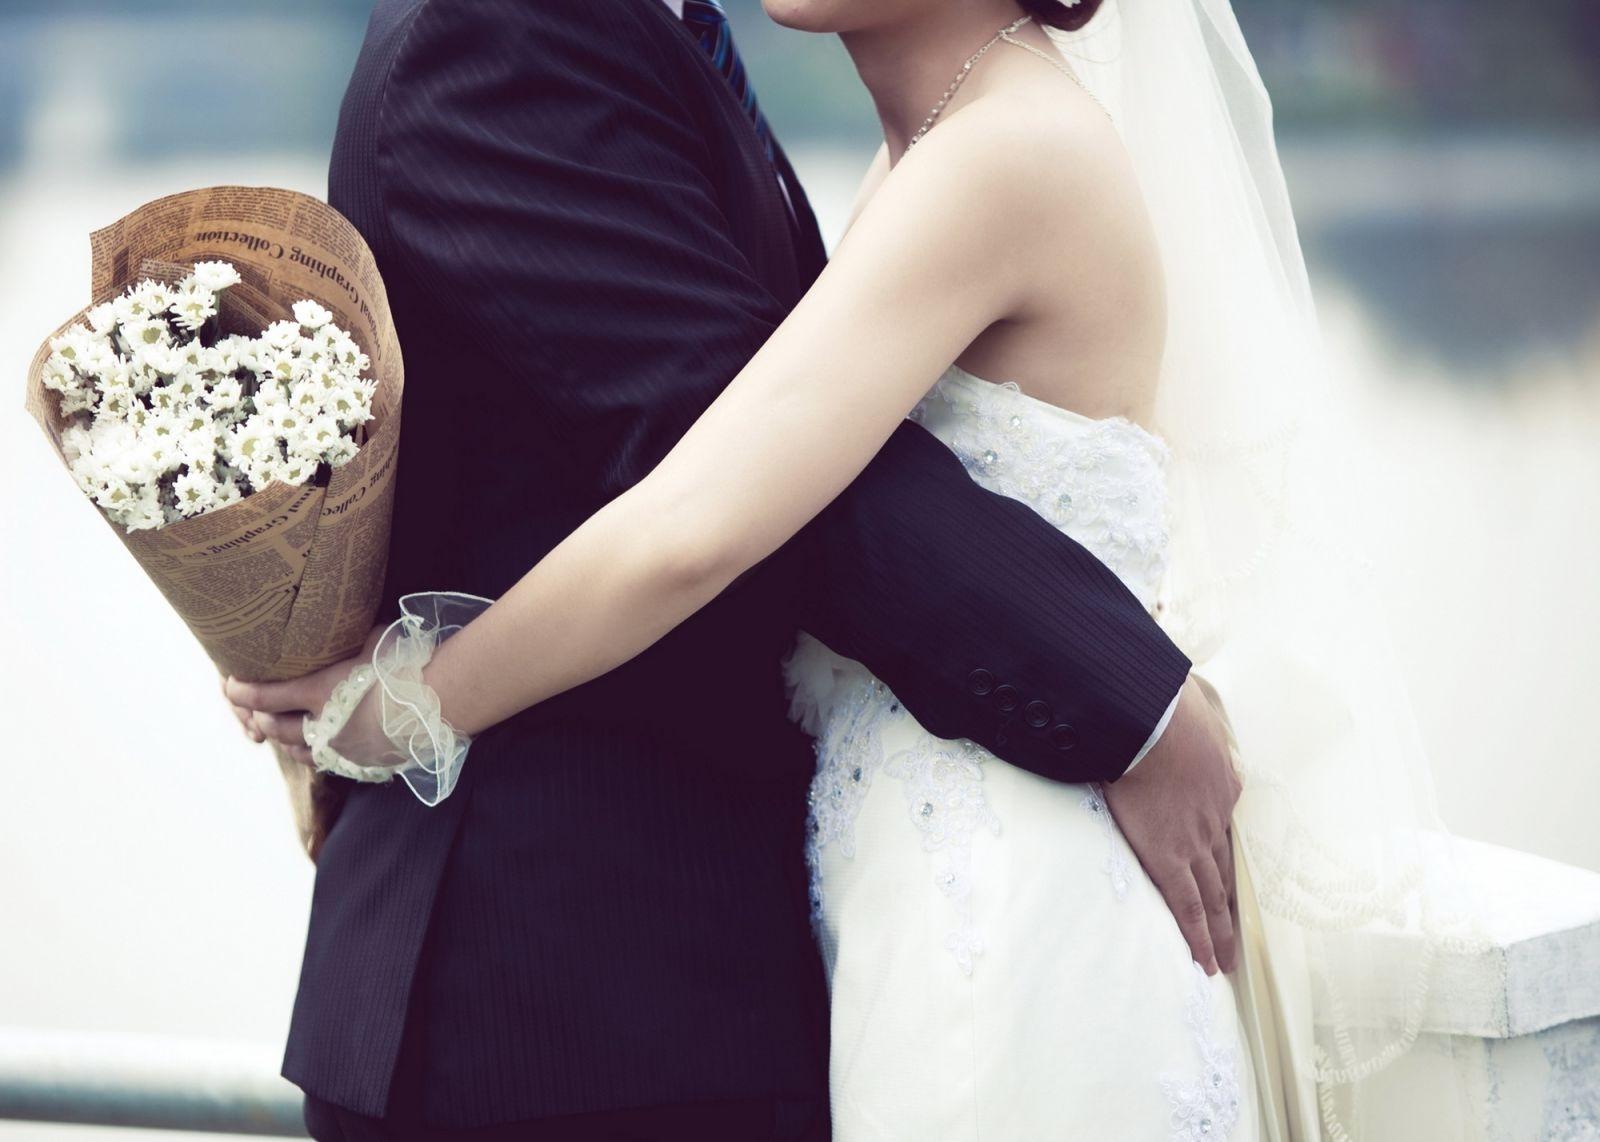 Ngày ta nên vợ thành chồng...